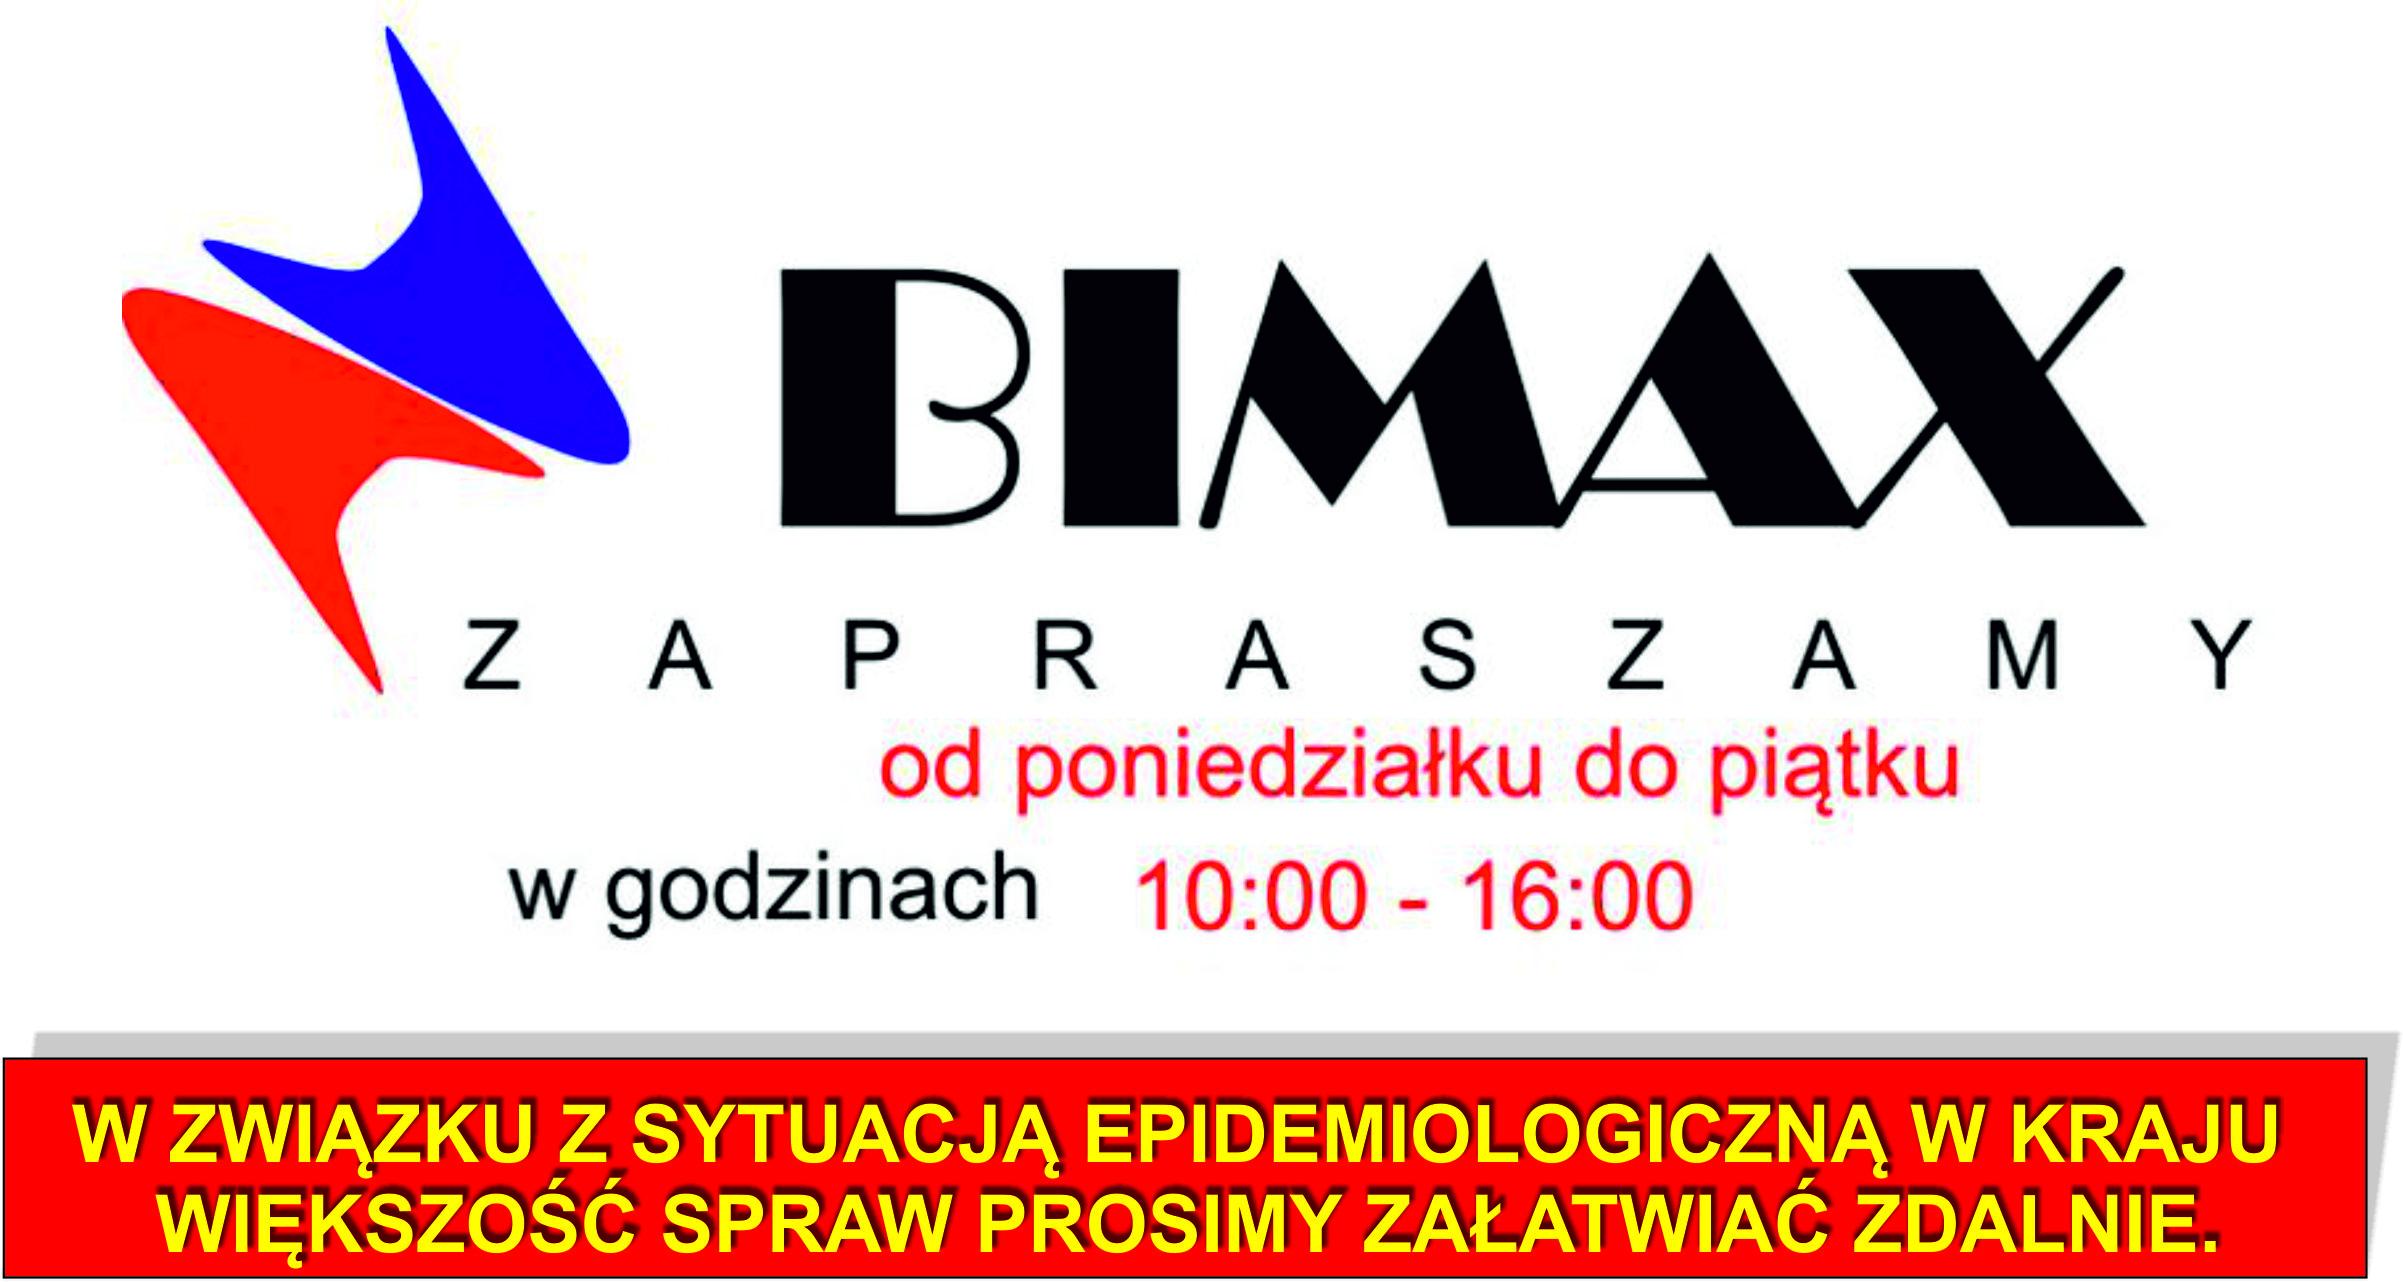 Bimax-NADRUKI NA KOSZULKACH I KUBKACH W BYDGOSZCZY - Szwederowo ul. Orla 3-7/lokal 3  Tel.(52) 58 48 638